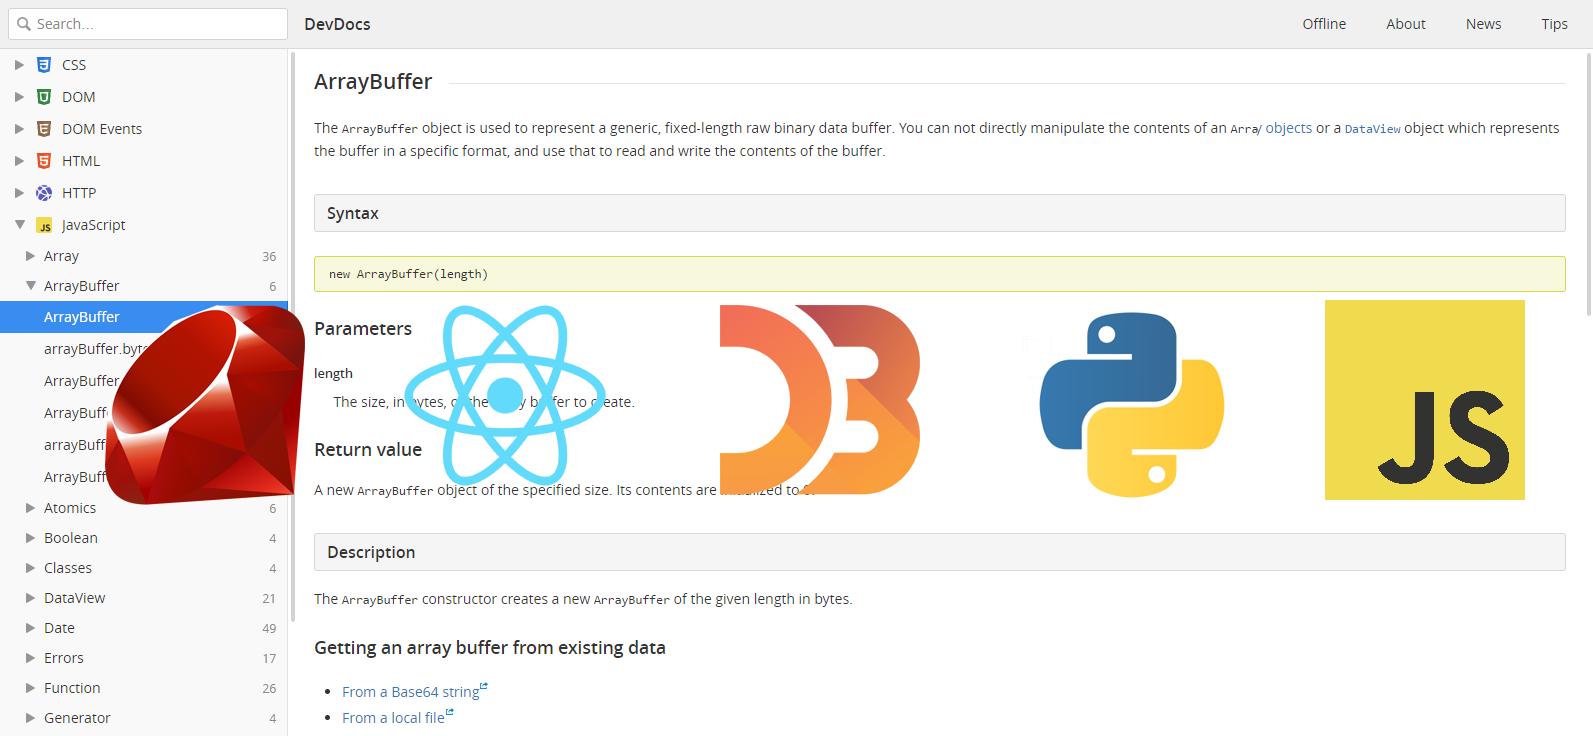 DevDocs pour regrouper et unifier toutes les dev docs de vos APIs et langages favoris